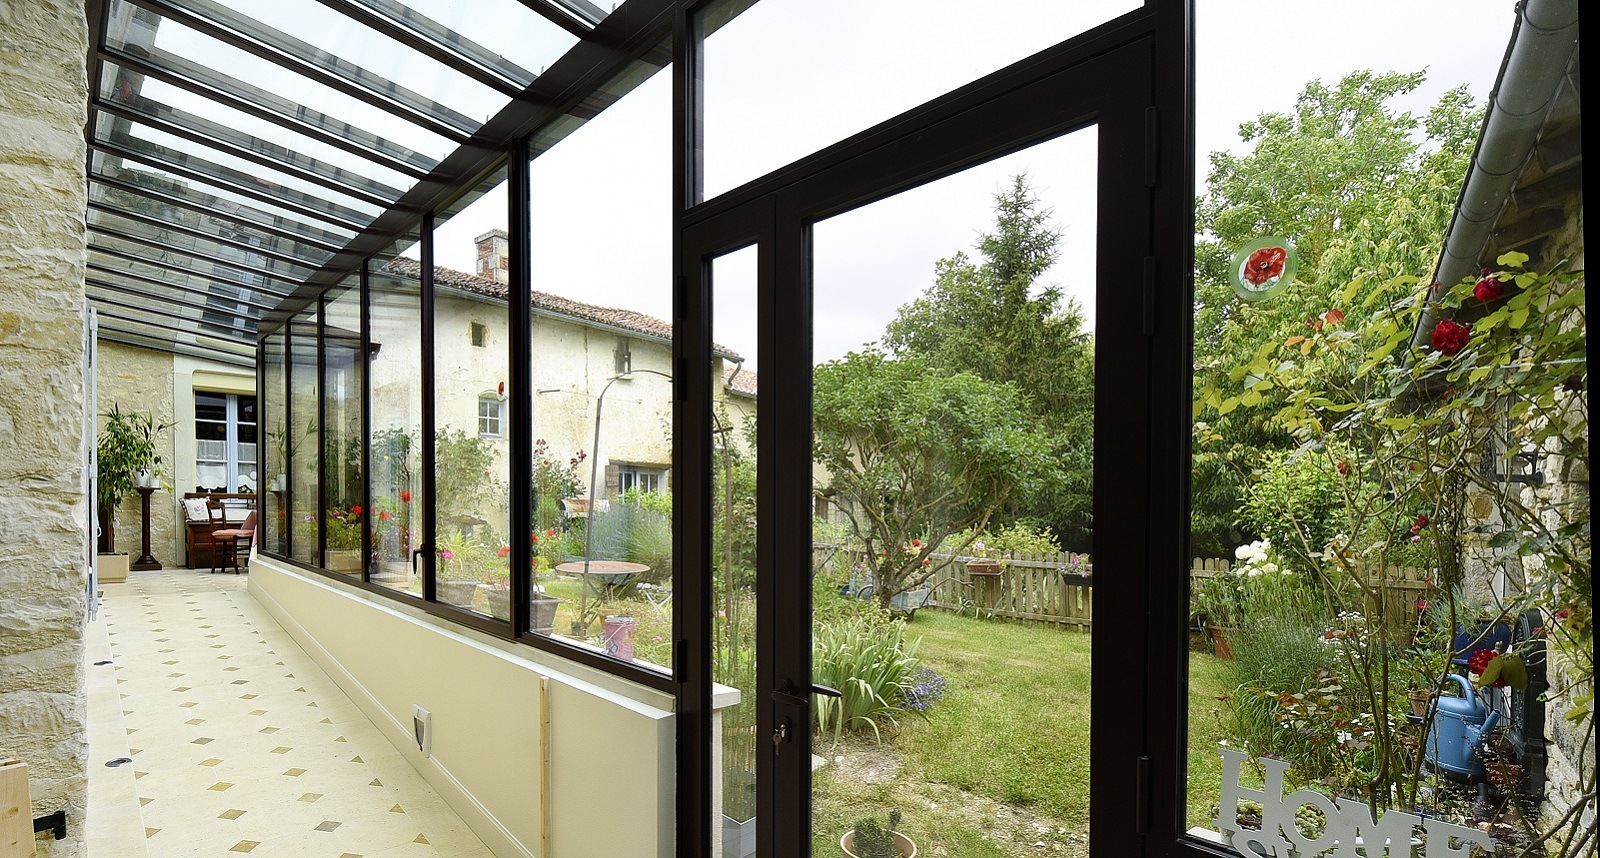 Comment Isoler Son Garage Moindre Cout comment isoler une véranda en alu ? - agrandir ma maison